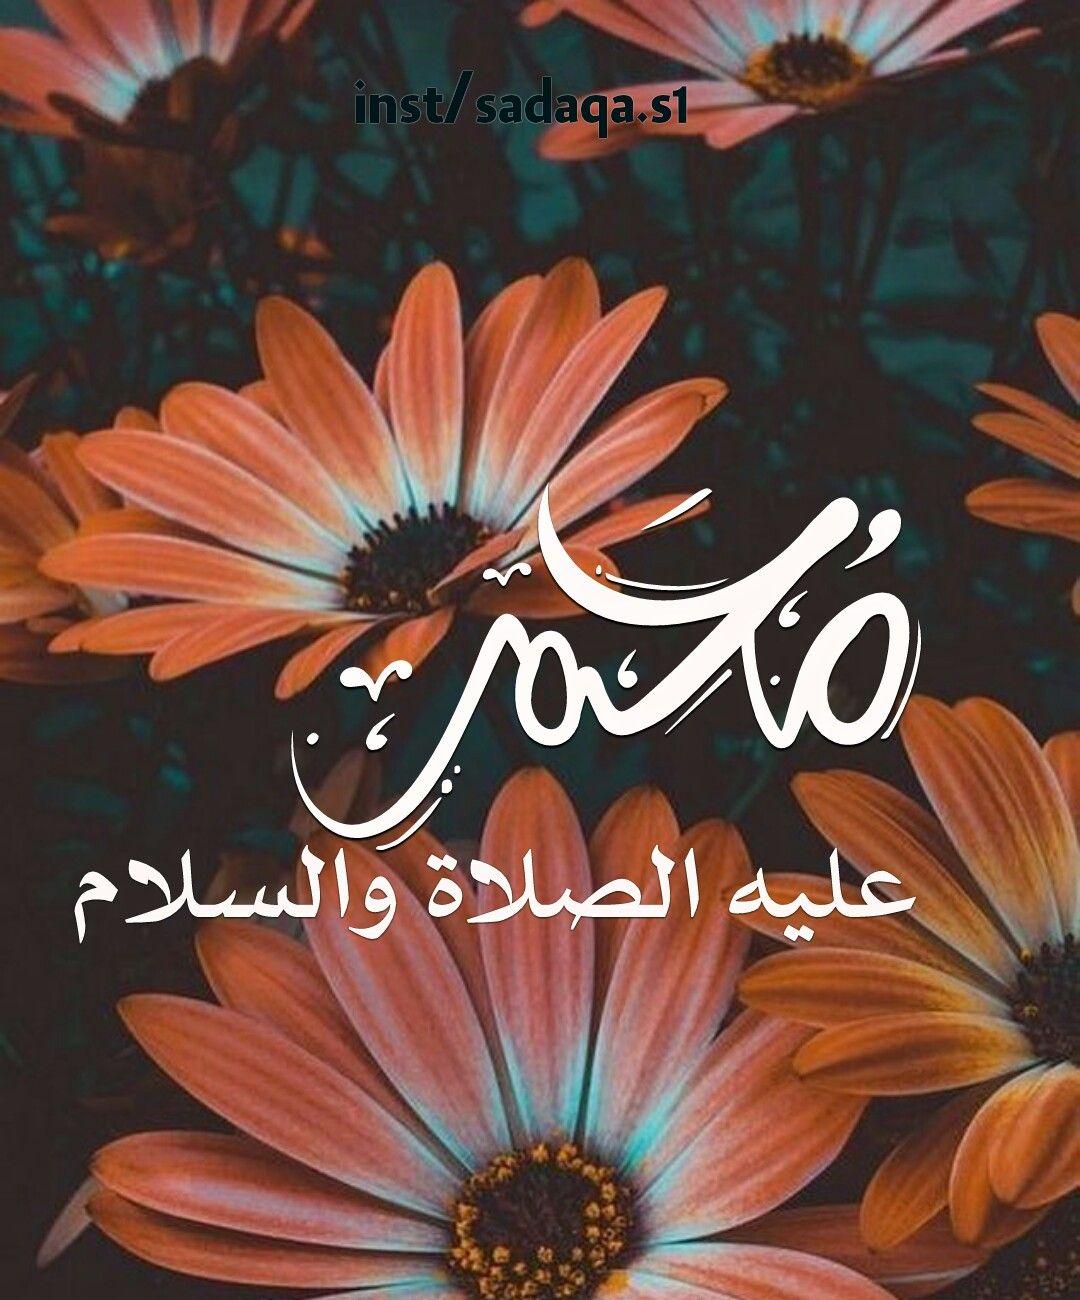 محمد عليه الصلاة والسلام Art Poster Lockscreen